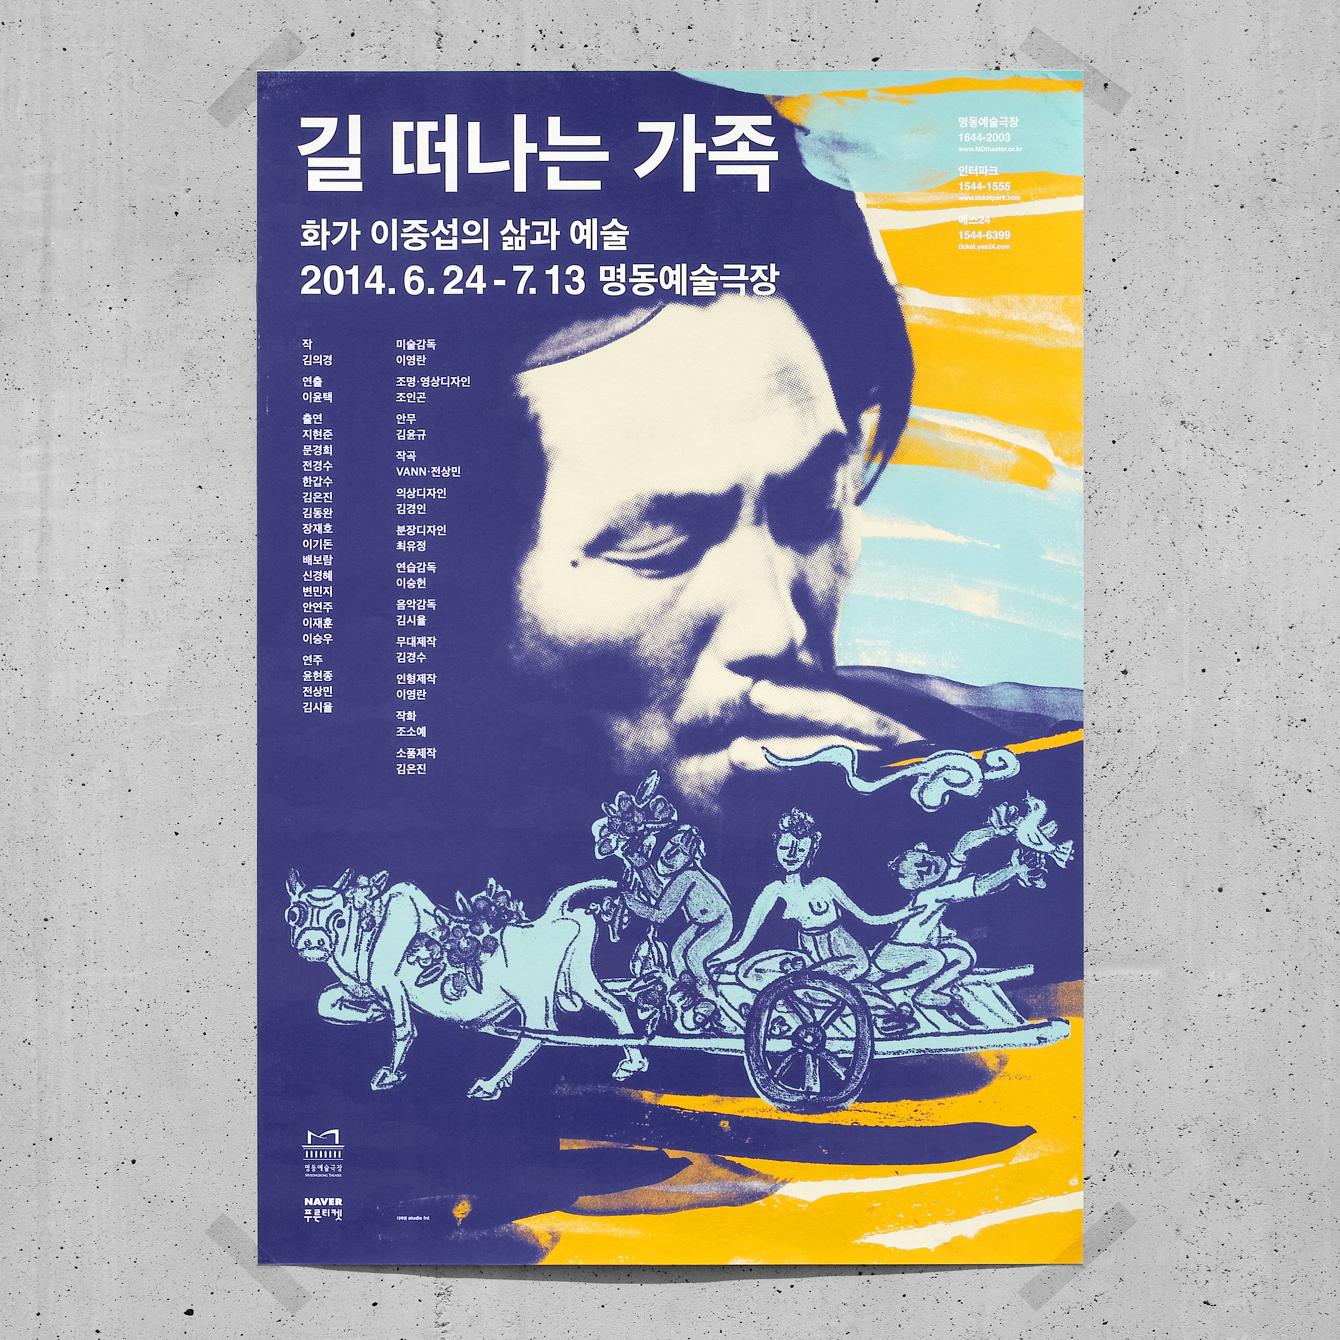 Posters / Jaemin Lee (16)